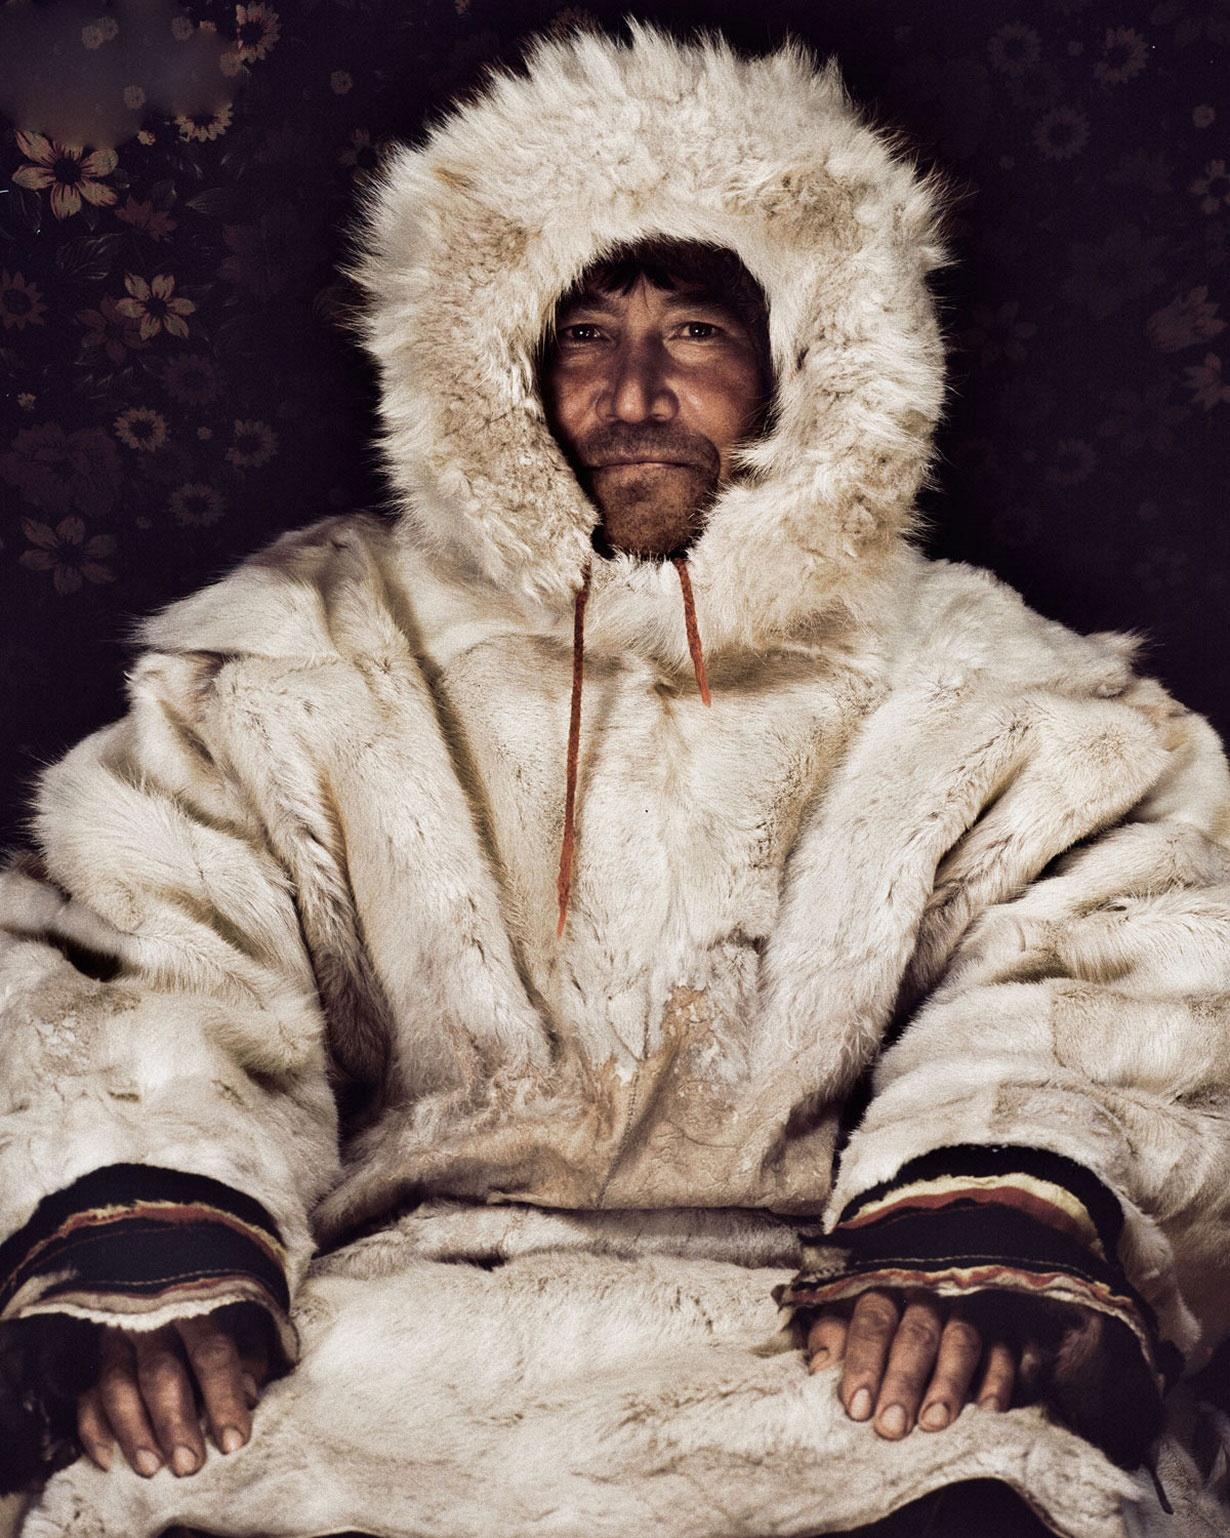 روایت تصویری جیمی نلسون، از مردمانی در حال ناپدید شدن